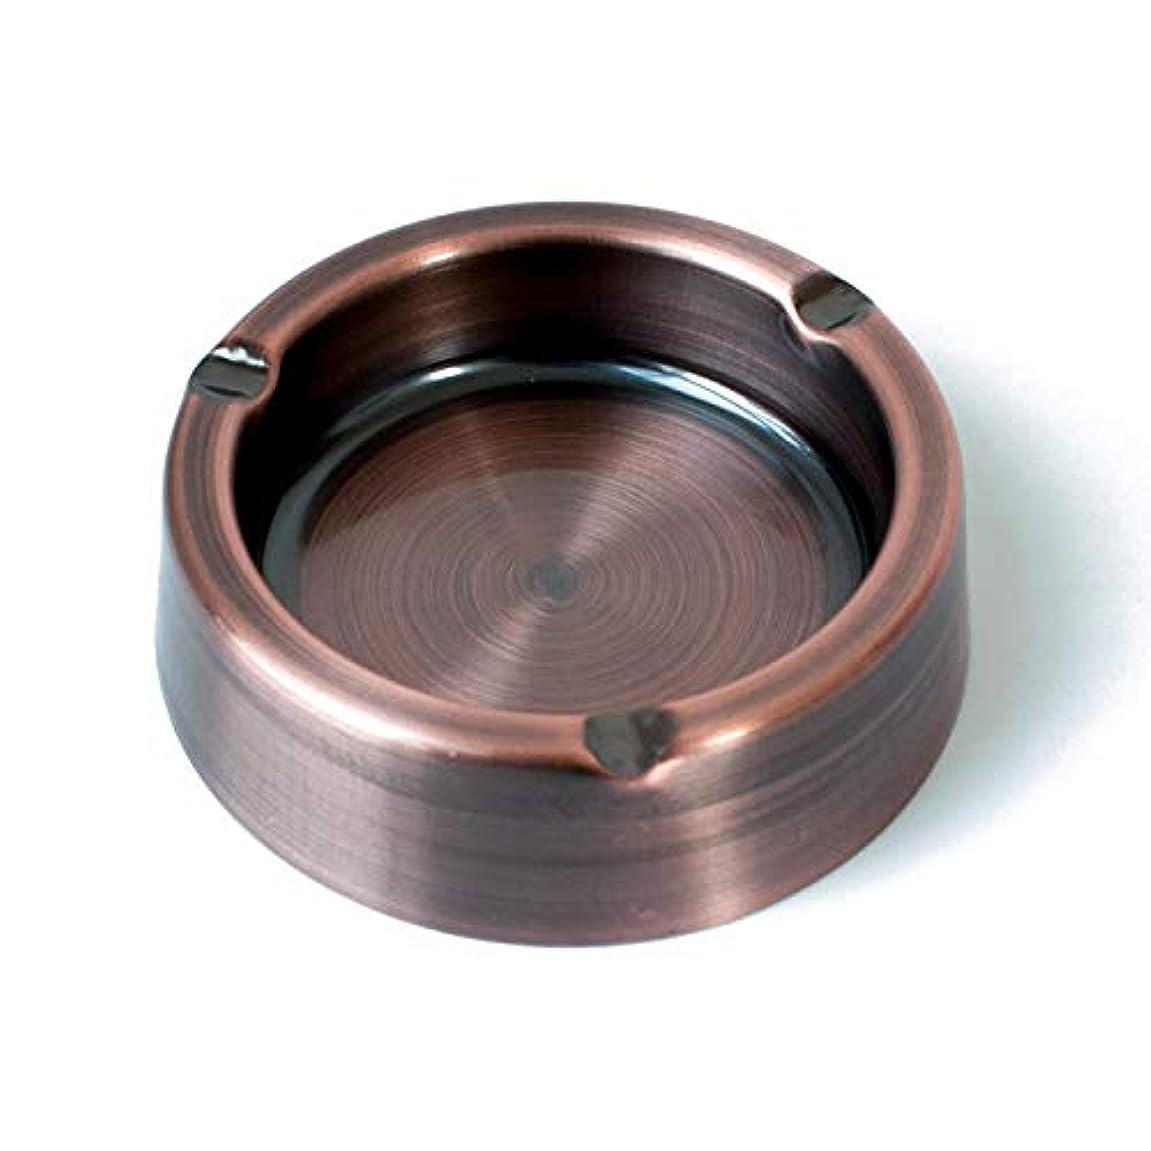 ヒール寂しいクラッチタバコヴィンテージメタル灰皿用ステンレススチールクラシック灰皿 (Size : 5.9 in)